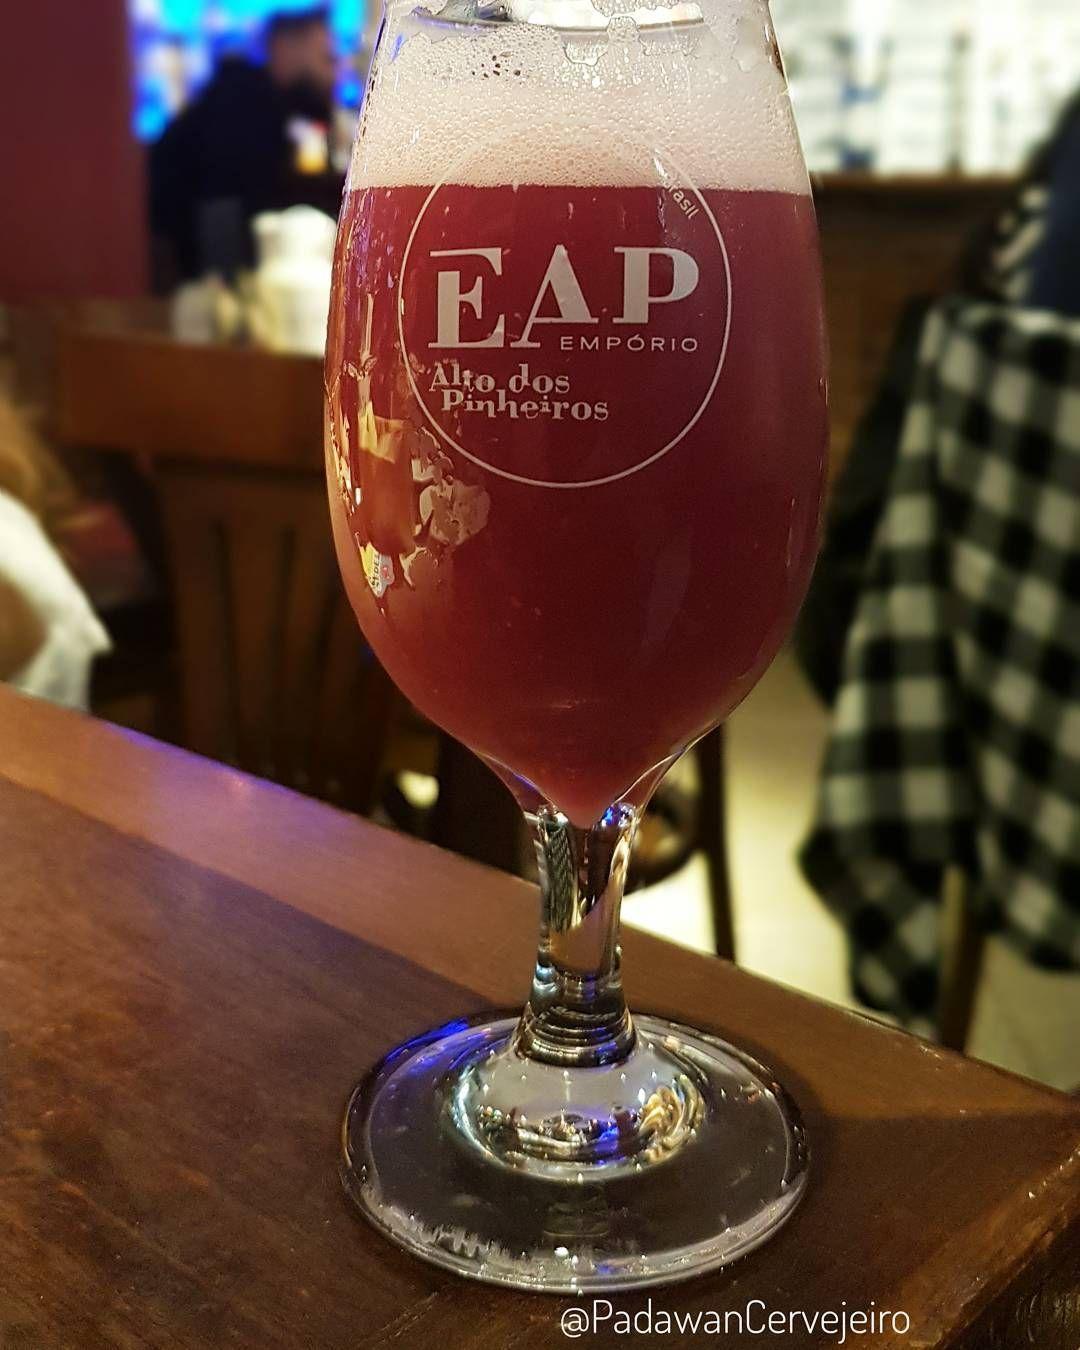 Veia Latica Fruit Beer Sour Lager Colaborativa Synergy Avos 3 7 Abv 8 Ibu Dei Sorte De Conhecer O Eapsp Justamen Amora Fruta Mirtilo Cervejas Artesanais